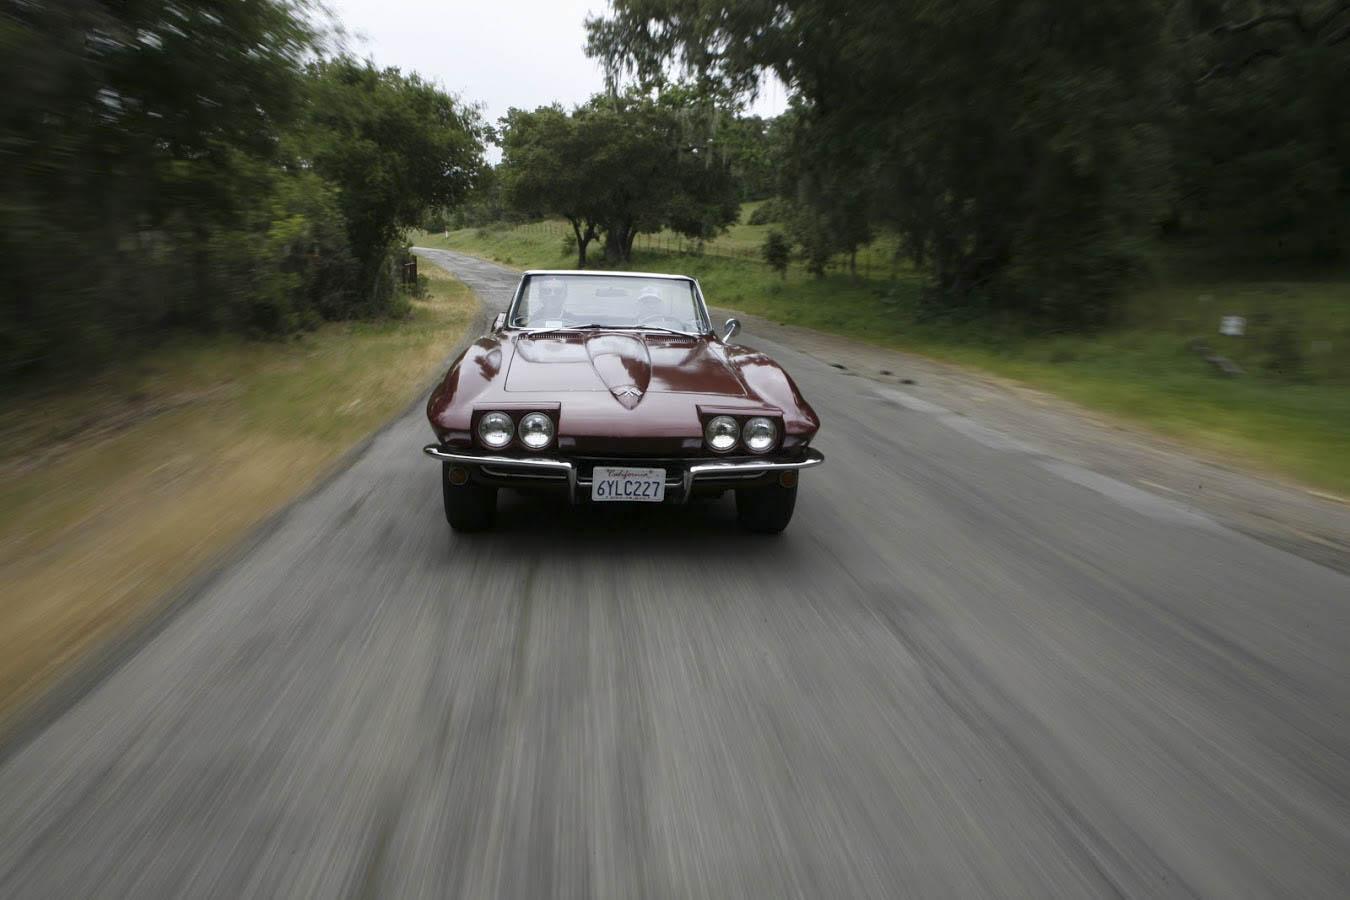 1965 Chevrolet Corvette front